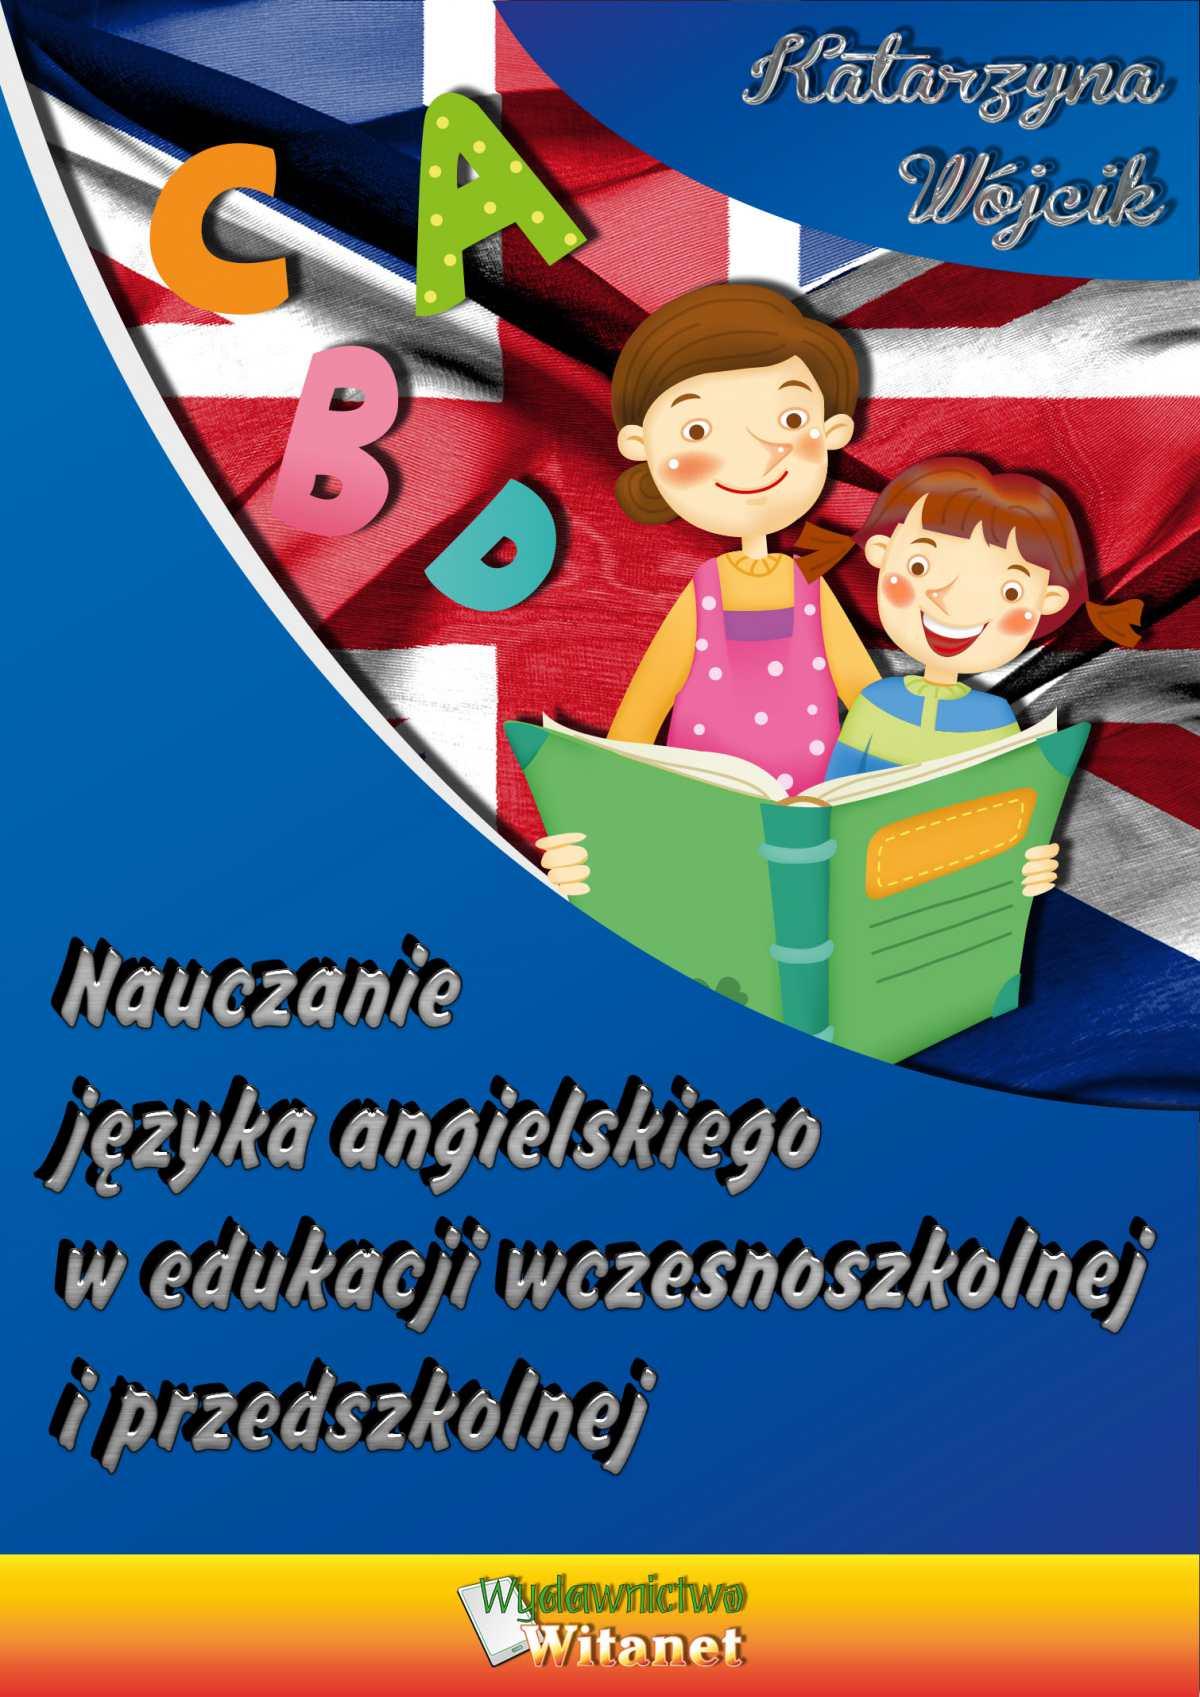 Nauczanie języka angielskiego w edukacji wczesnoszkolnej i przedszkolnej - Ebook (Książka na Kindle) do pobrania w formacie MOBI